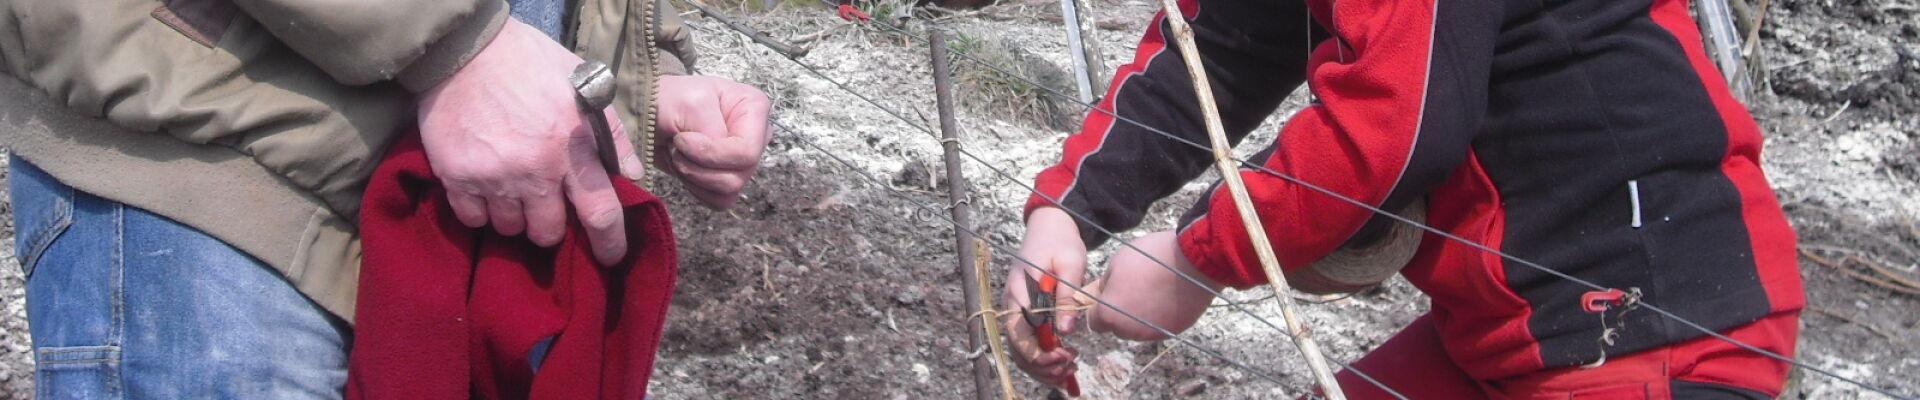 Rebschnitt und Binden in den Weinbergen vom WeinGut Benedict Loosen Erben Ürzig